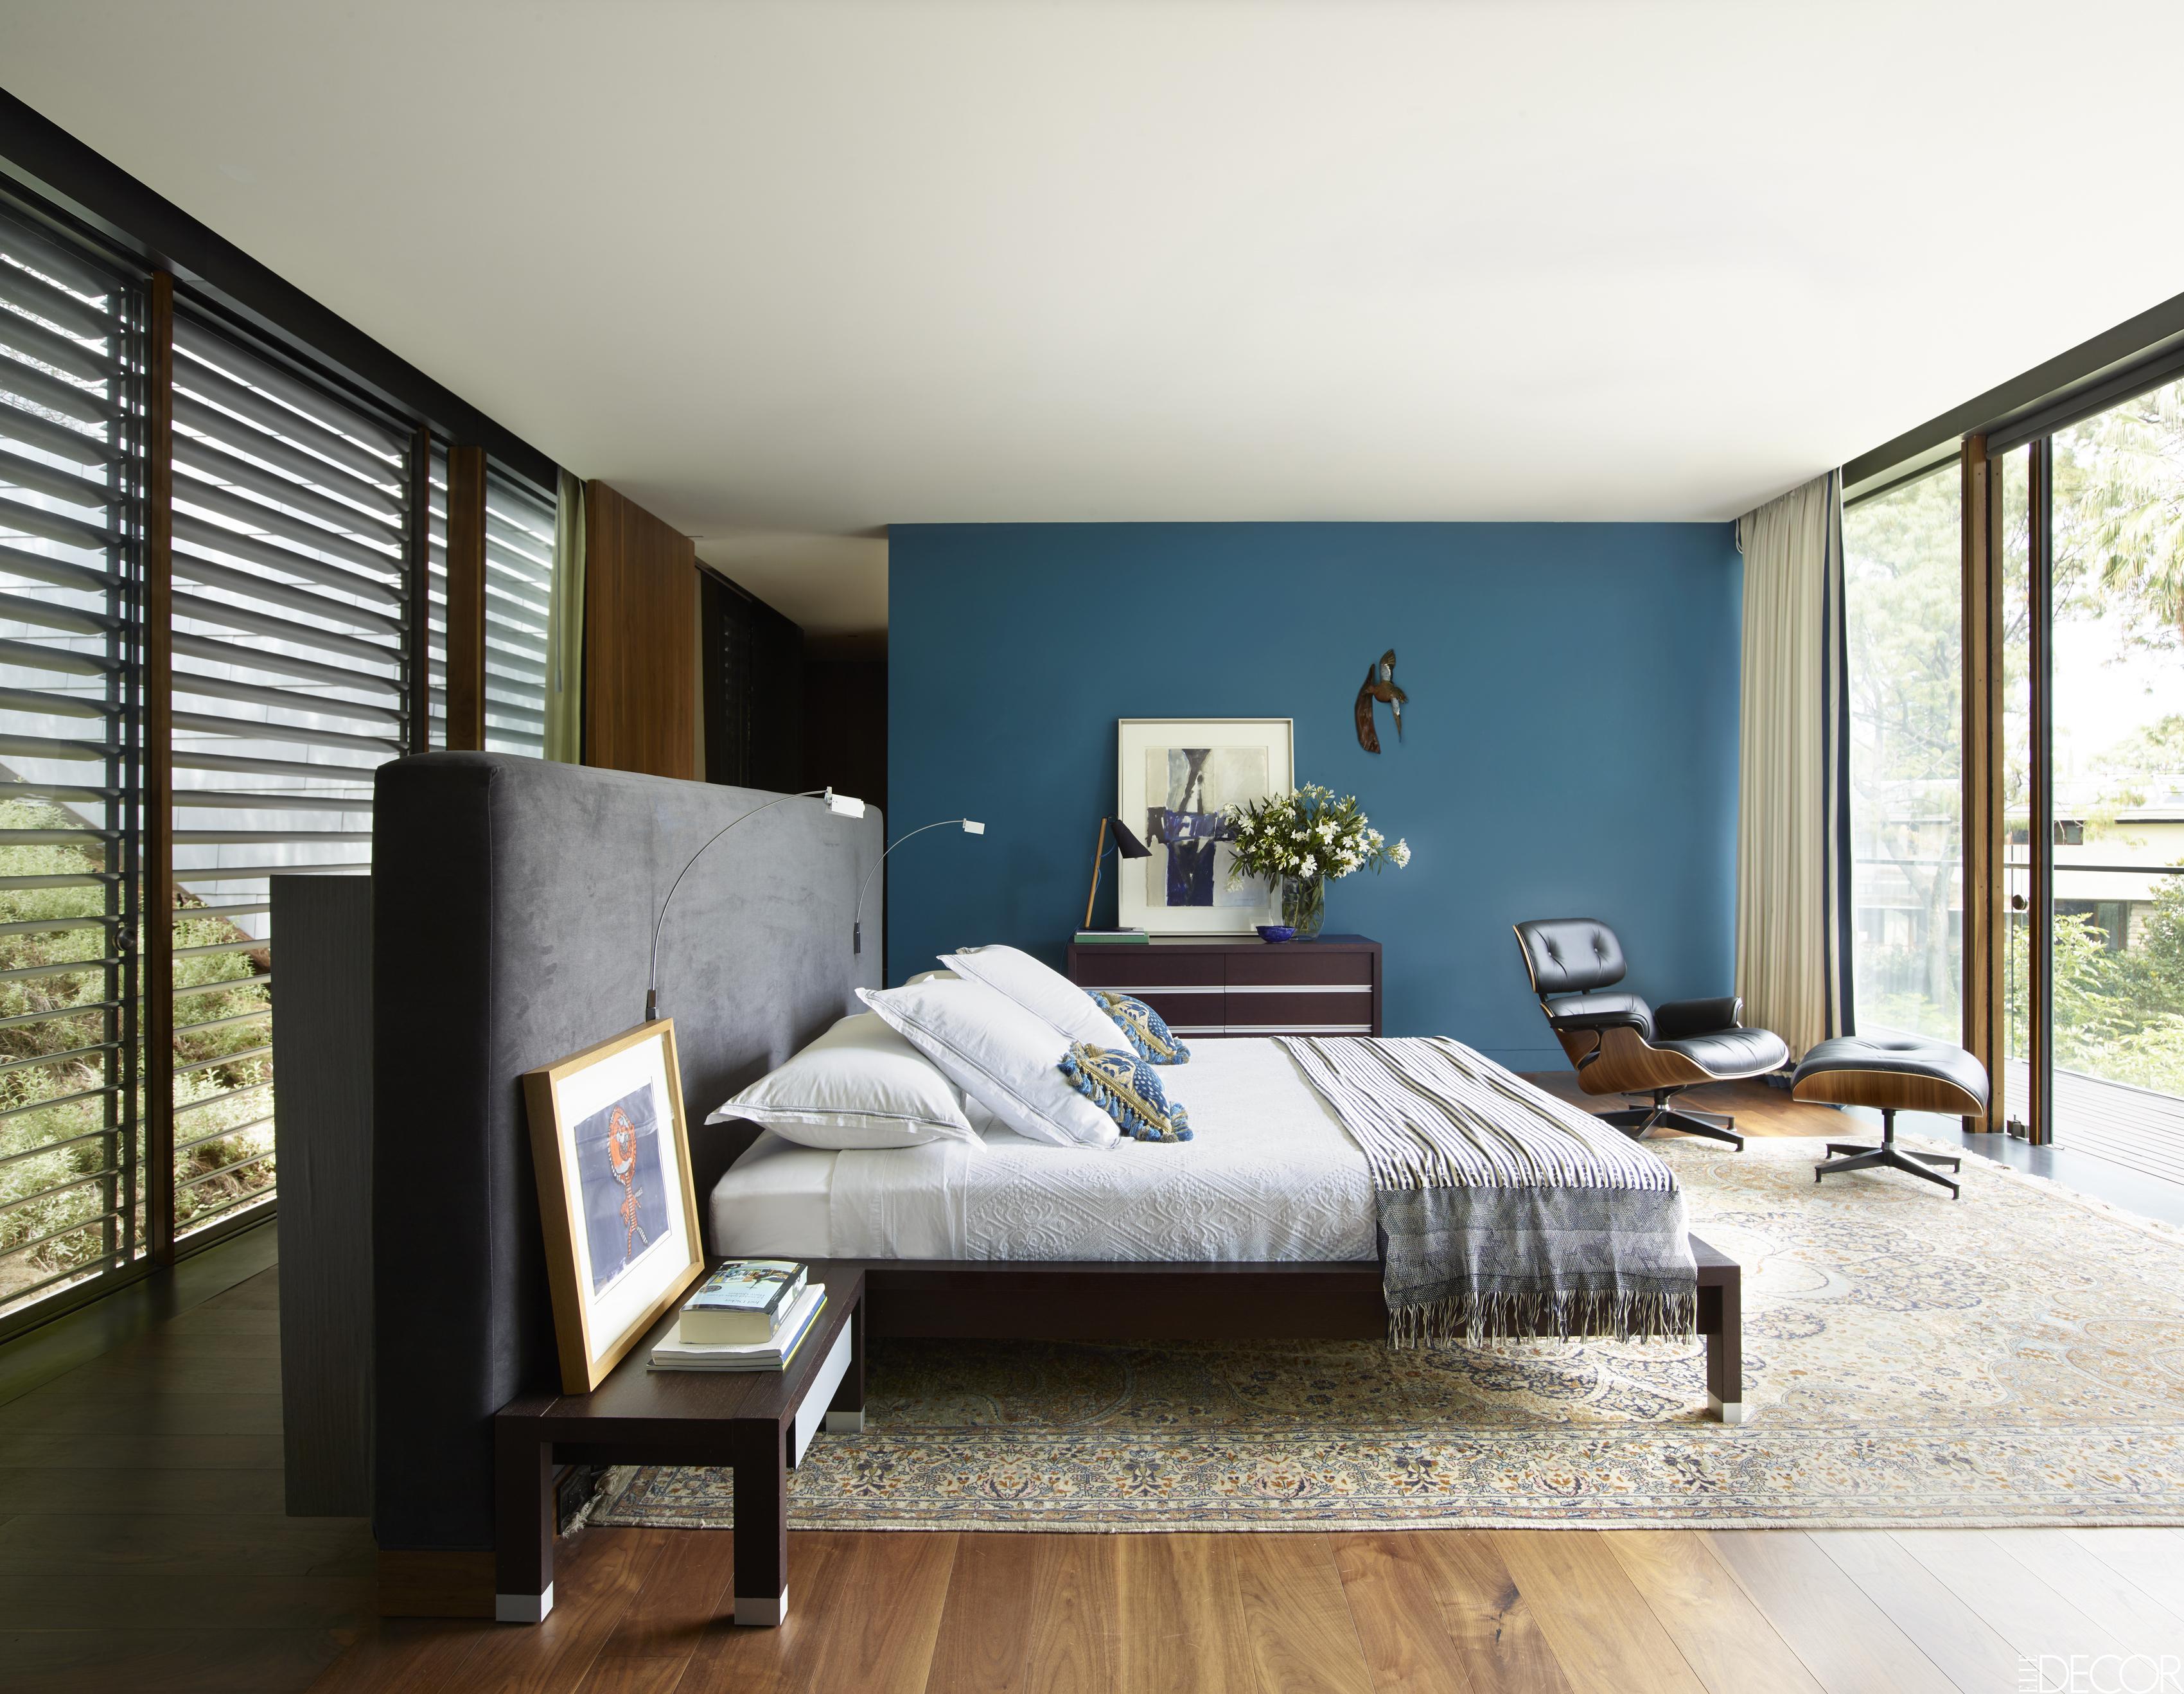 25 Best Blue Paint Colors - Top Shades of Blue Paint